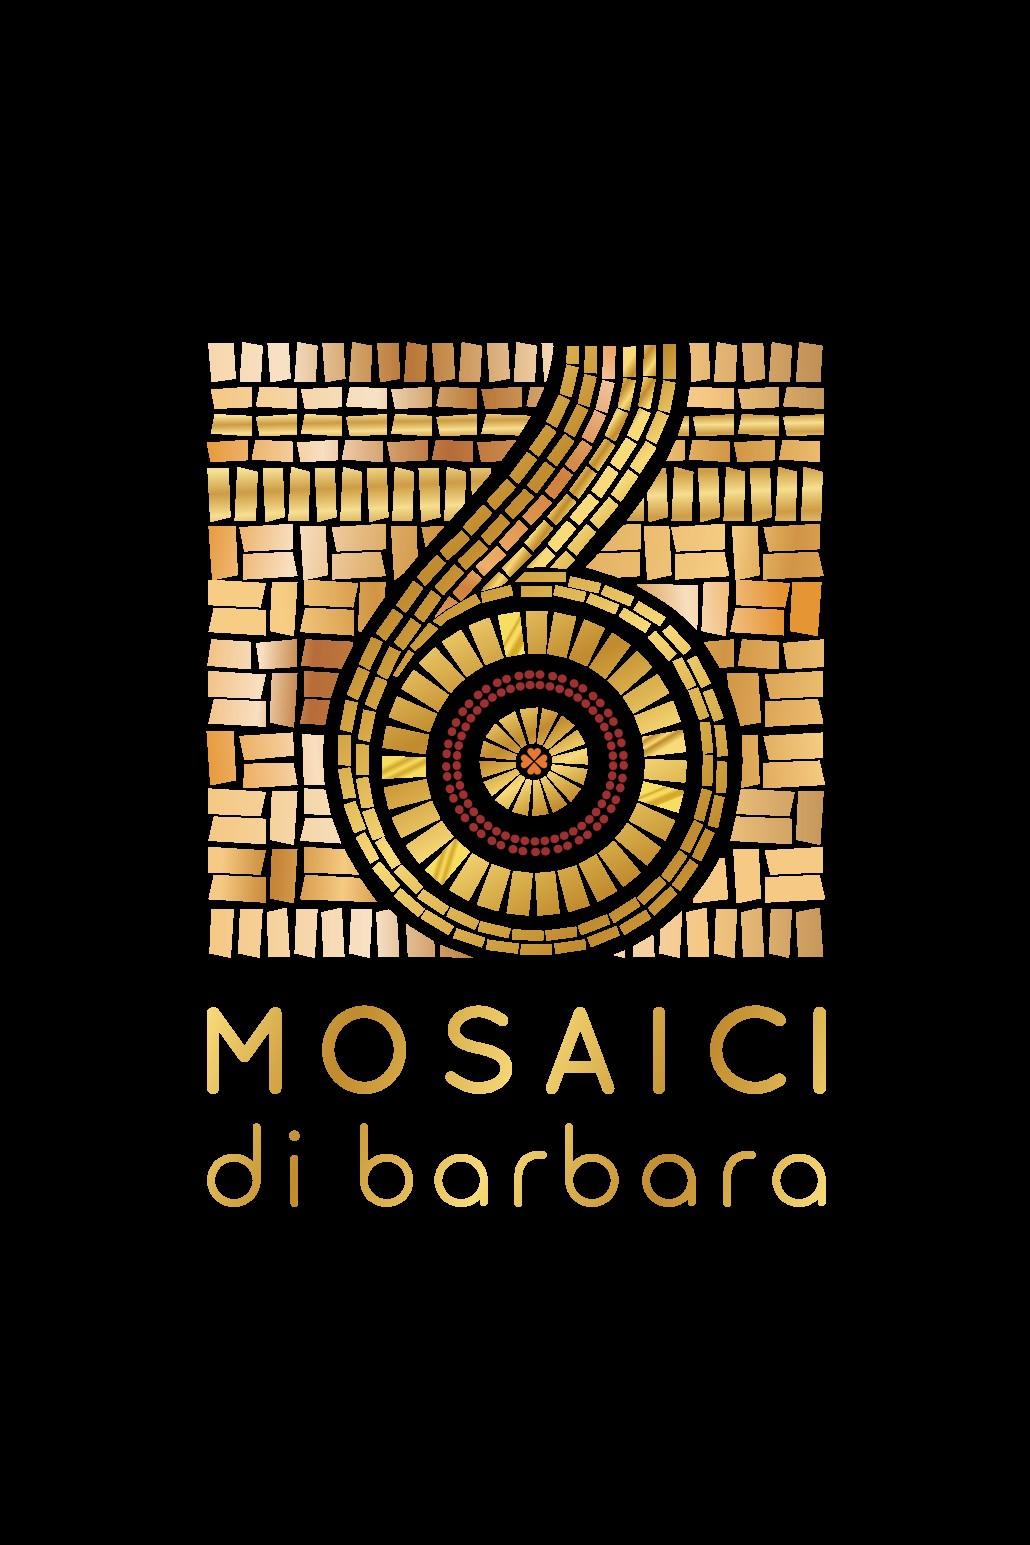 I Mosaici di Barbara hanno bisogno di un Logo Brillante, Elegante e Sensuale - Barbara's mosaics need a Brilliant, Elega